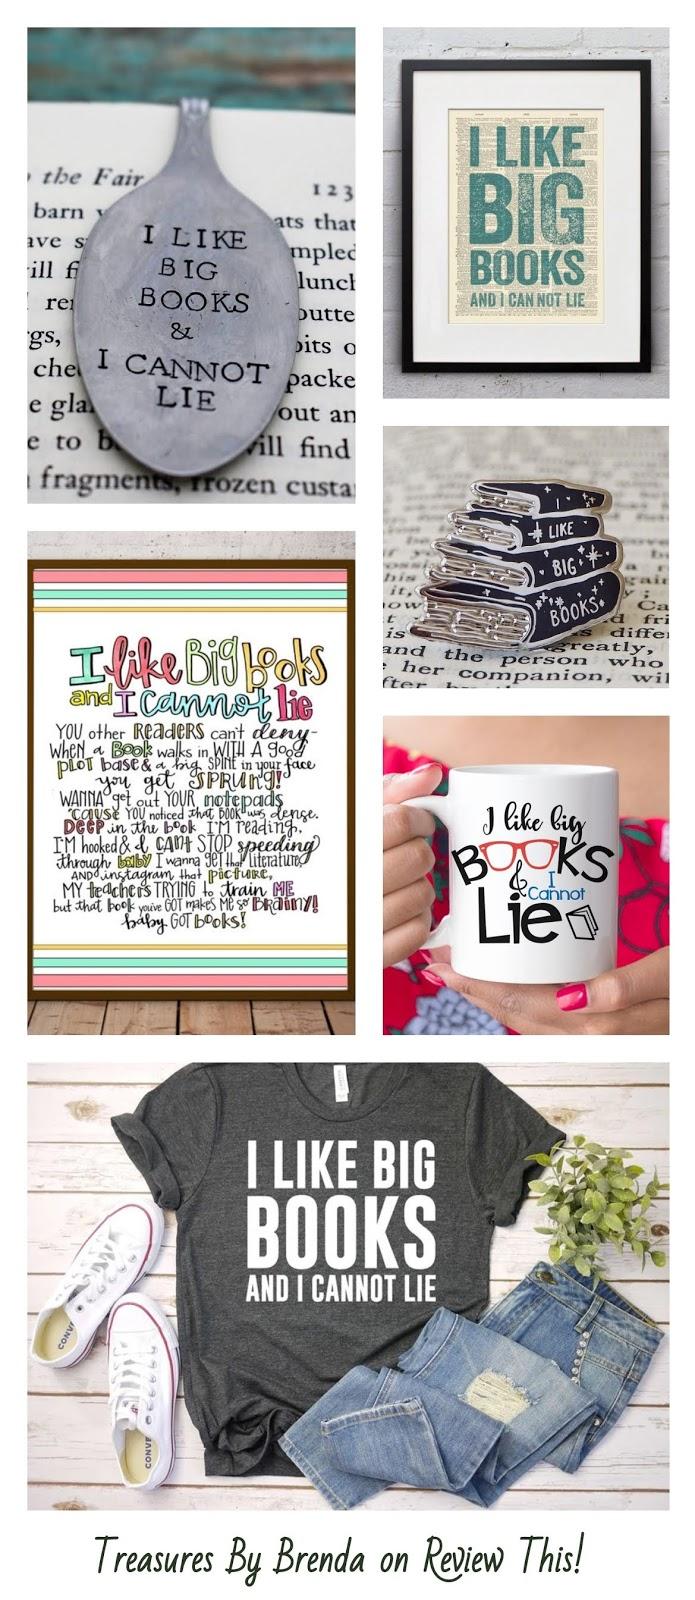 I Like Big Books and I Cannot Lie Gift Ideas